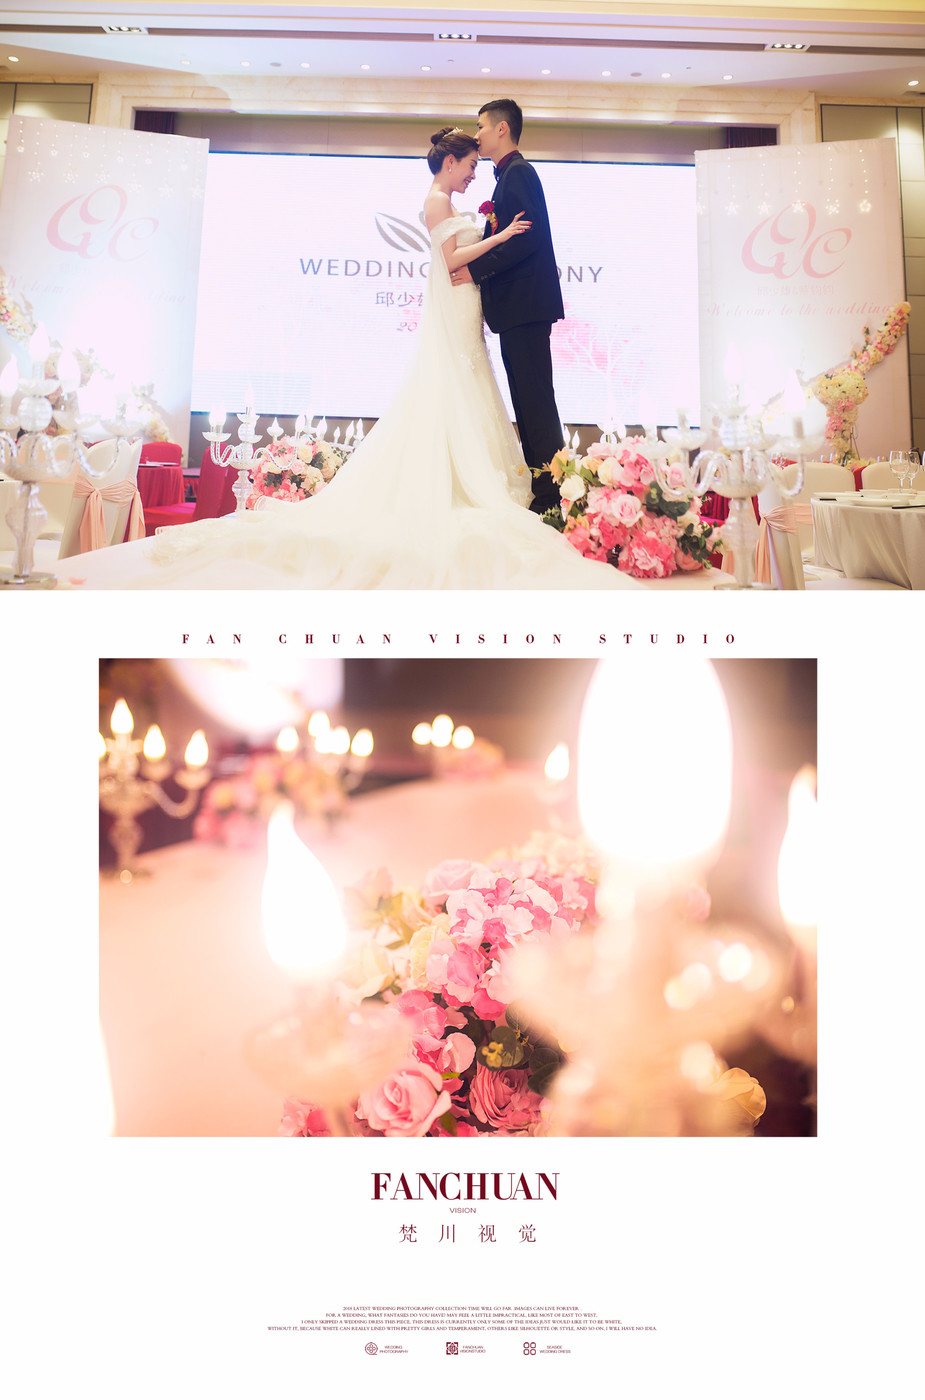 相偎相依【婚礼跟拍】2